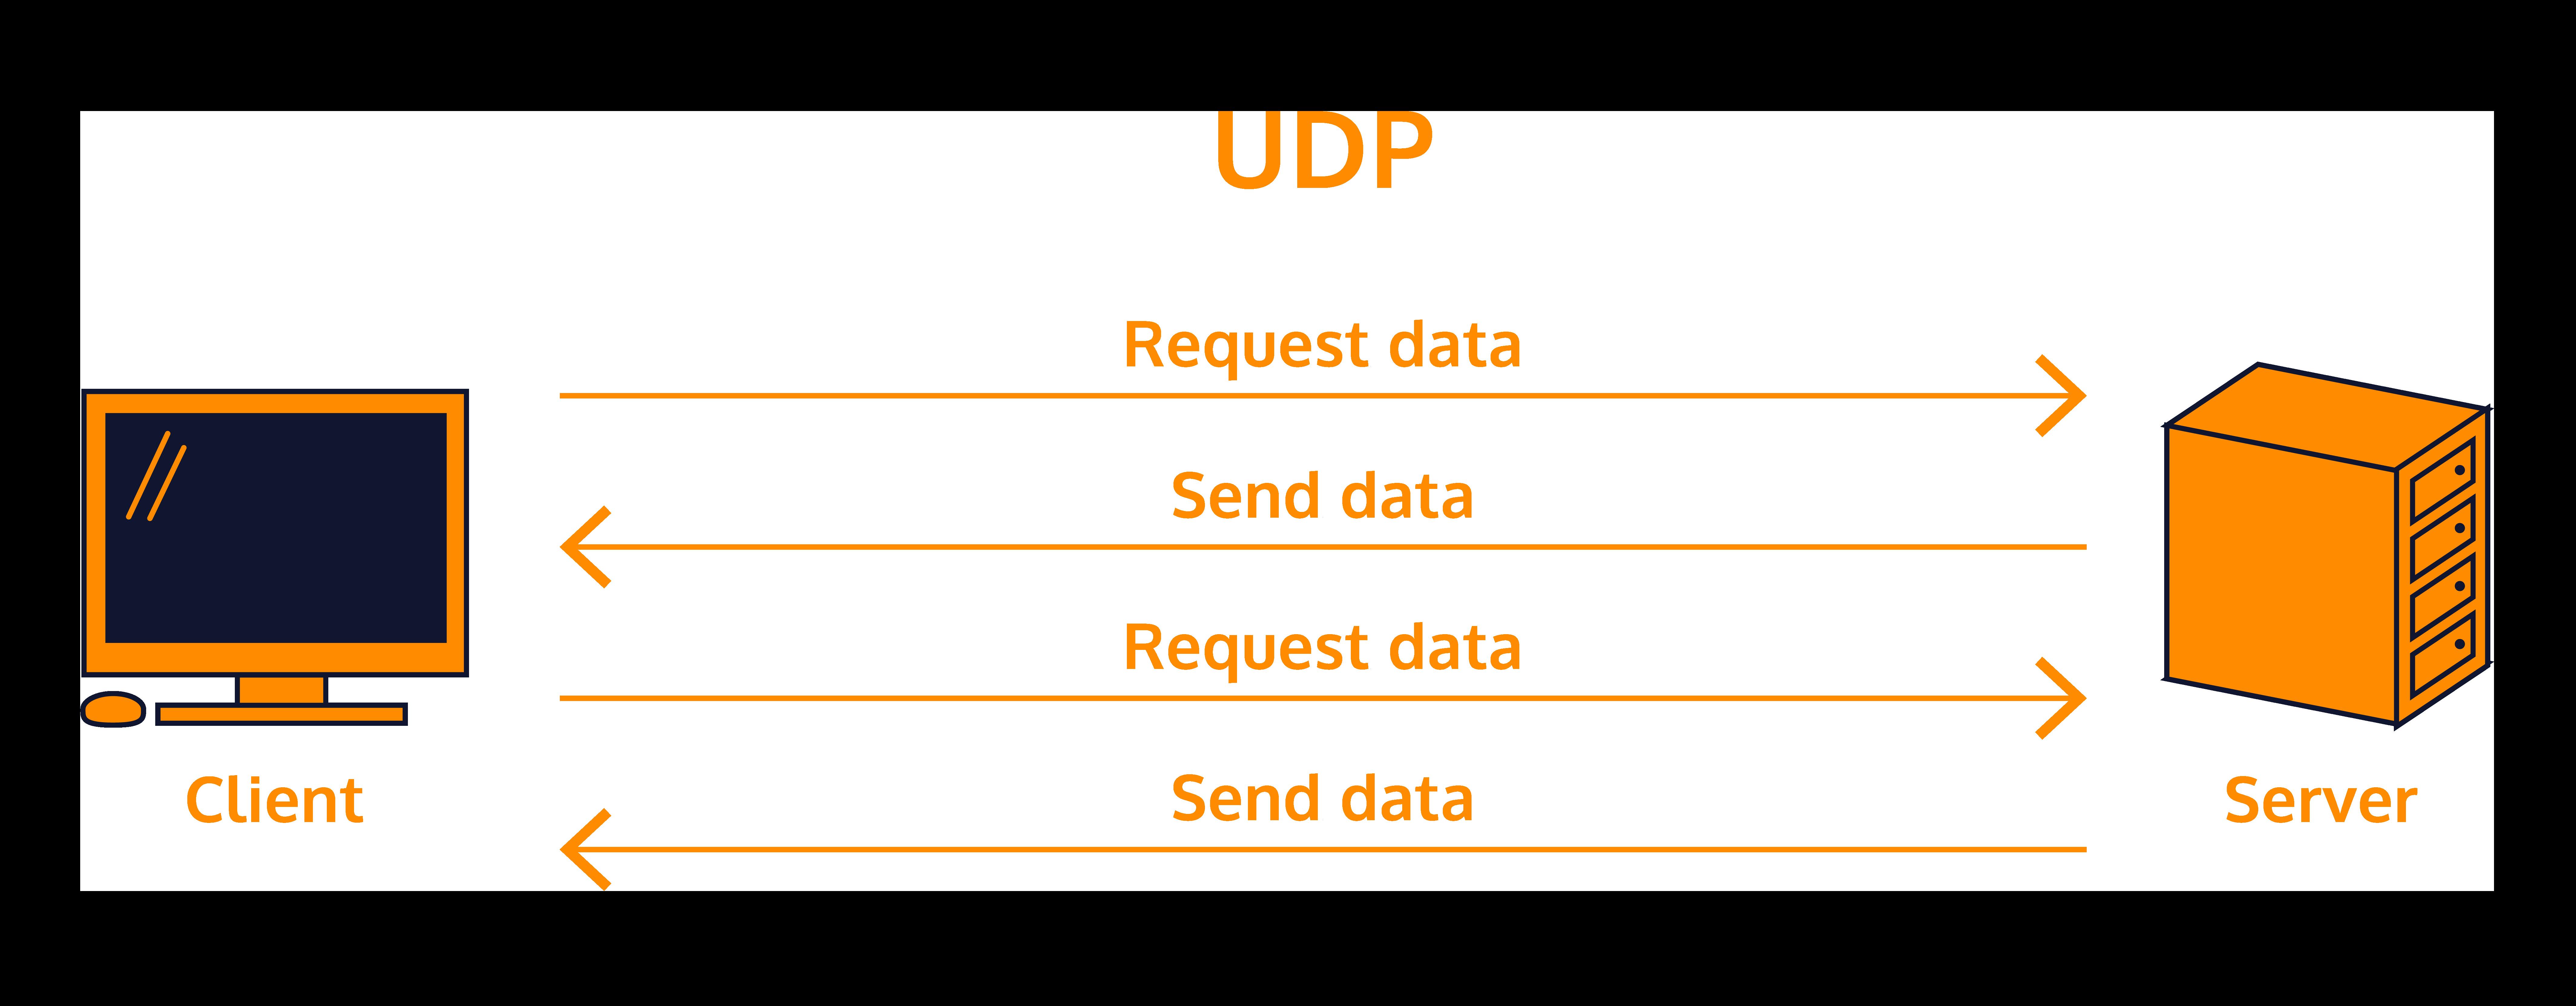 Diagram comparing data flow in UDP.